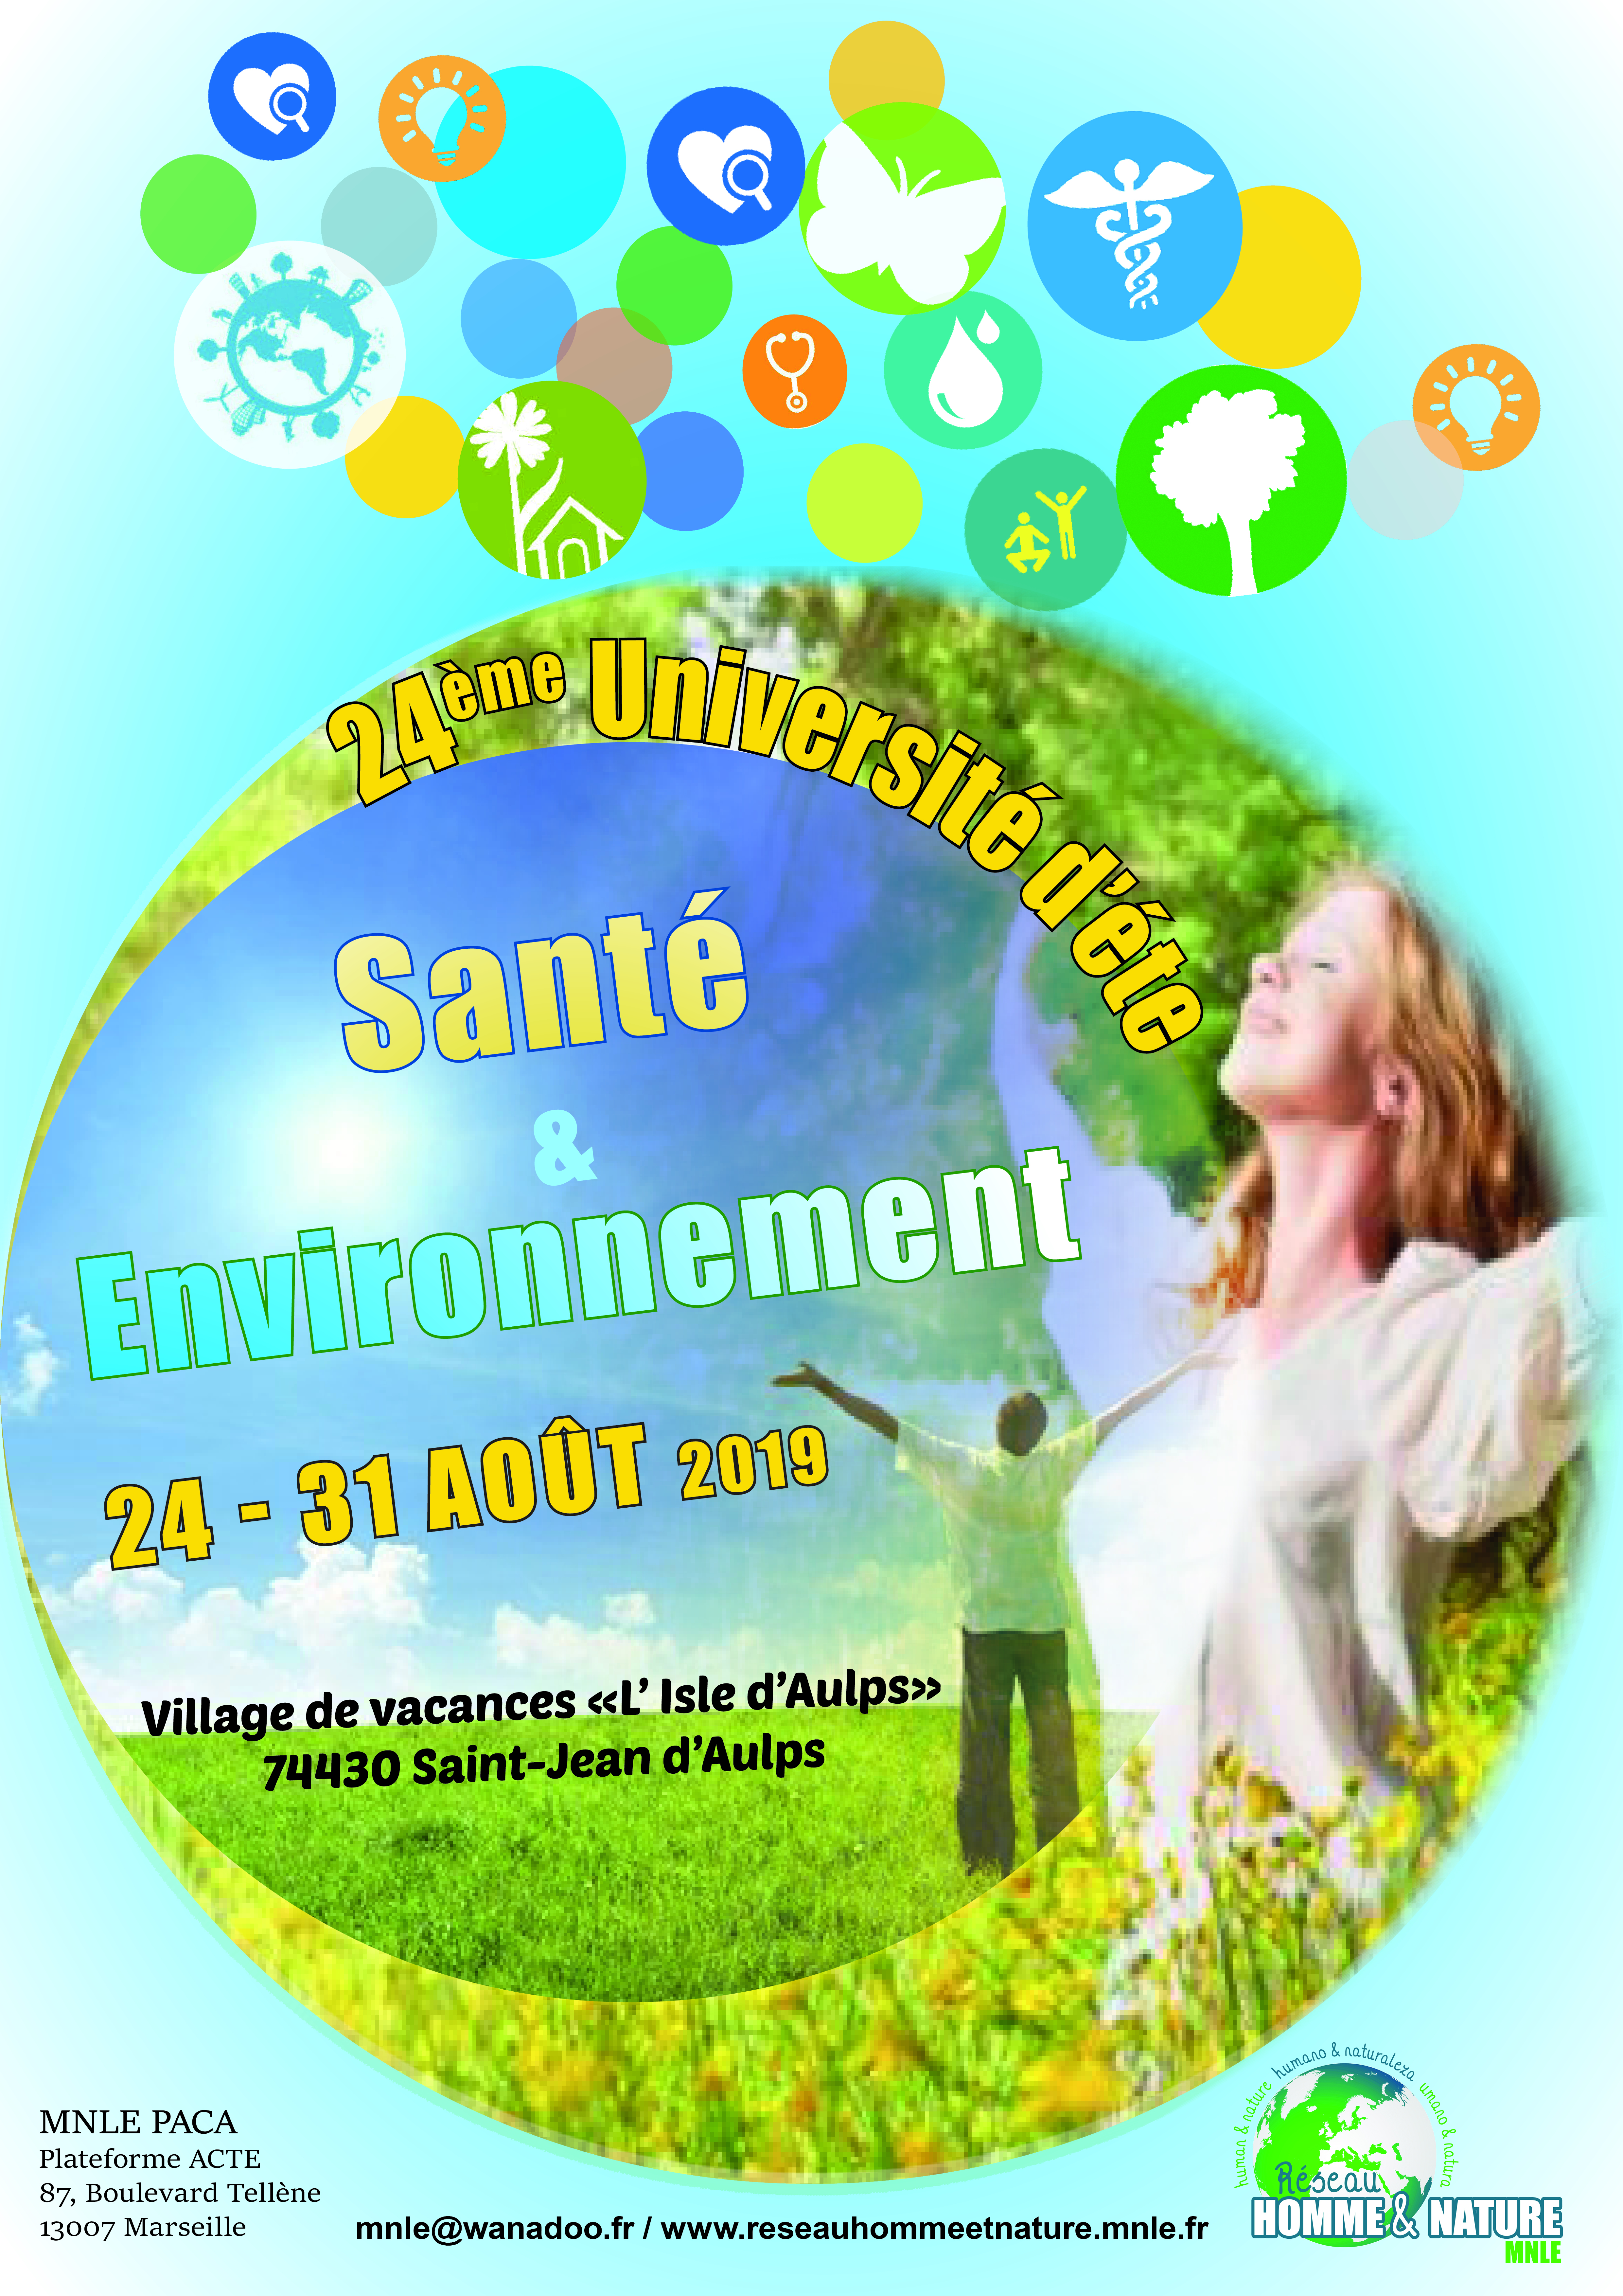 1er Annonce : XXIVe université d'été Santé & Environnement à vos agendas !